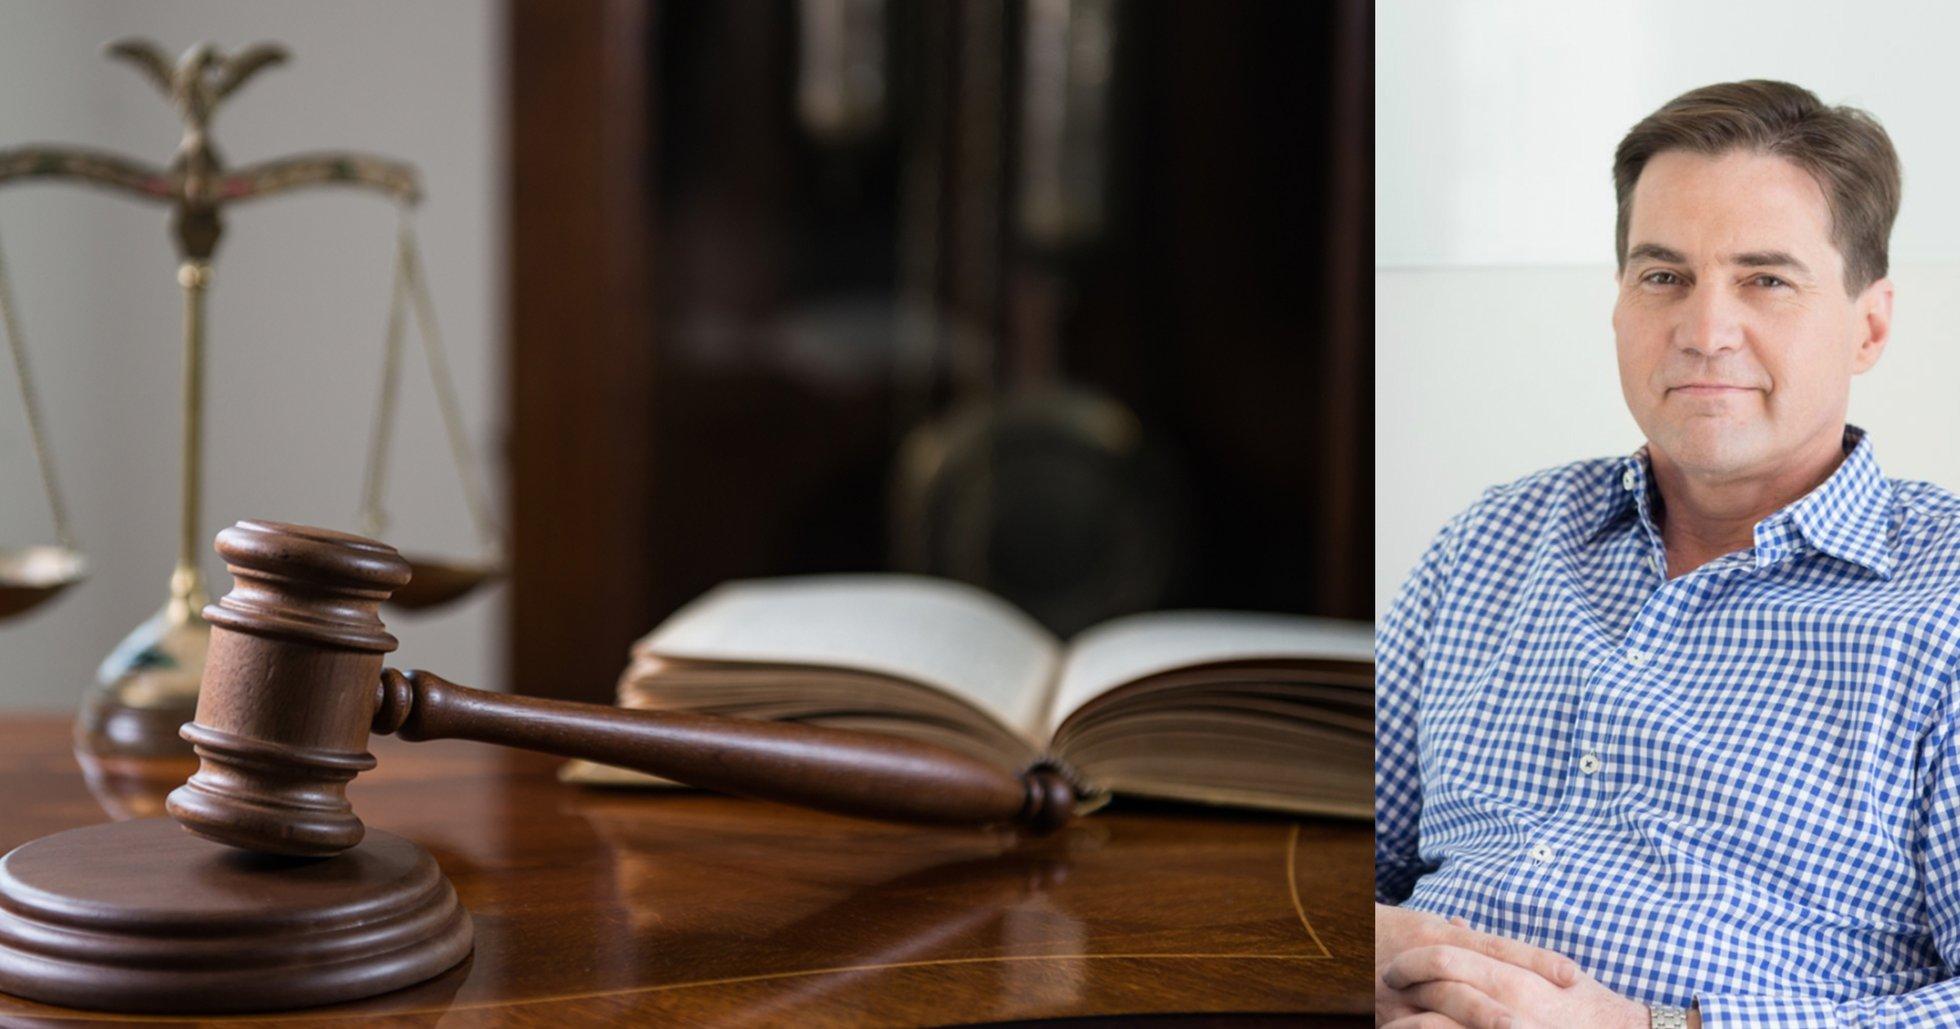 Trots domstolsorder – Craig Wright har inte presenterat bevis för bitcoininnehav